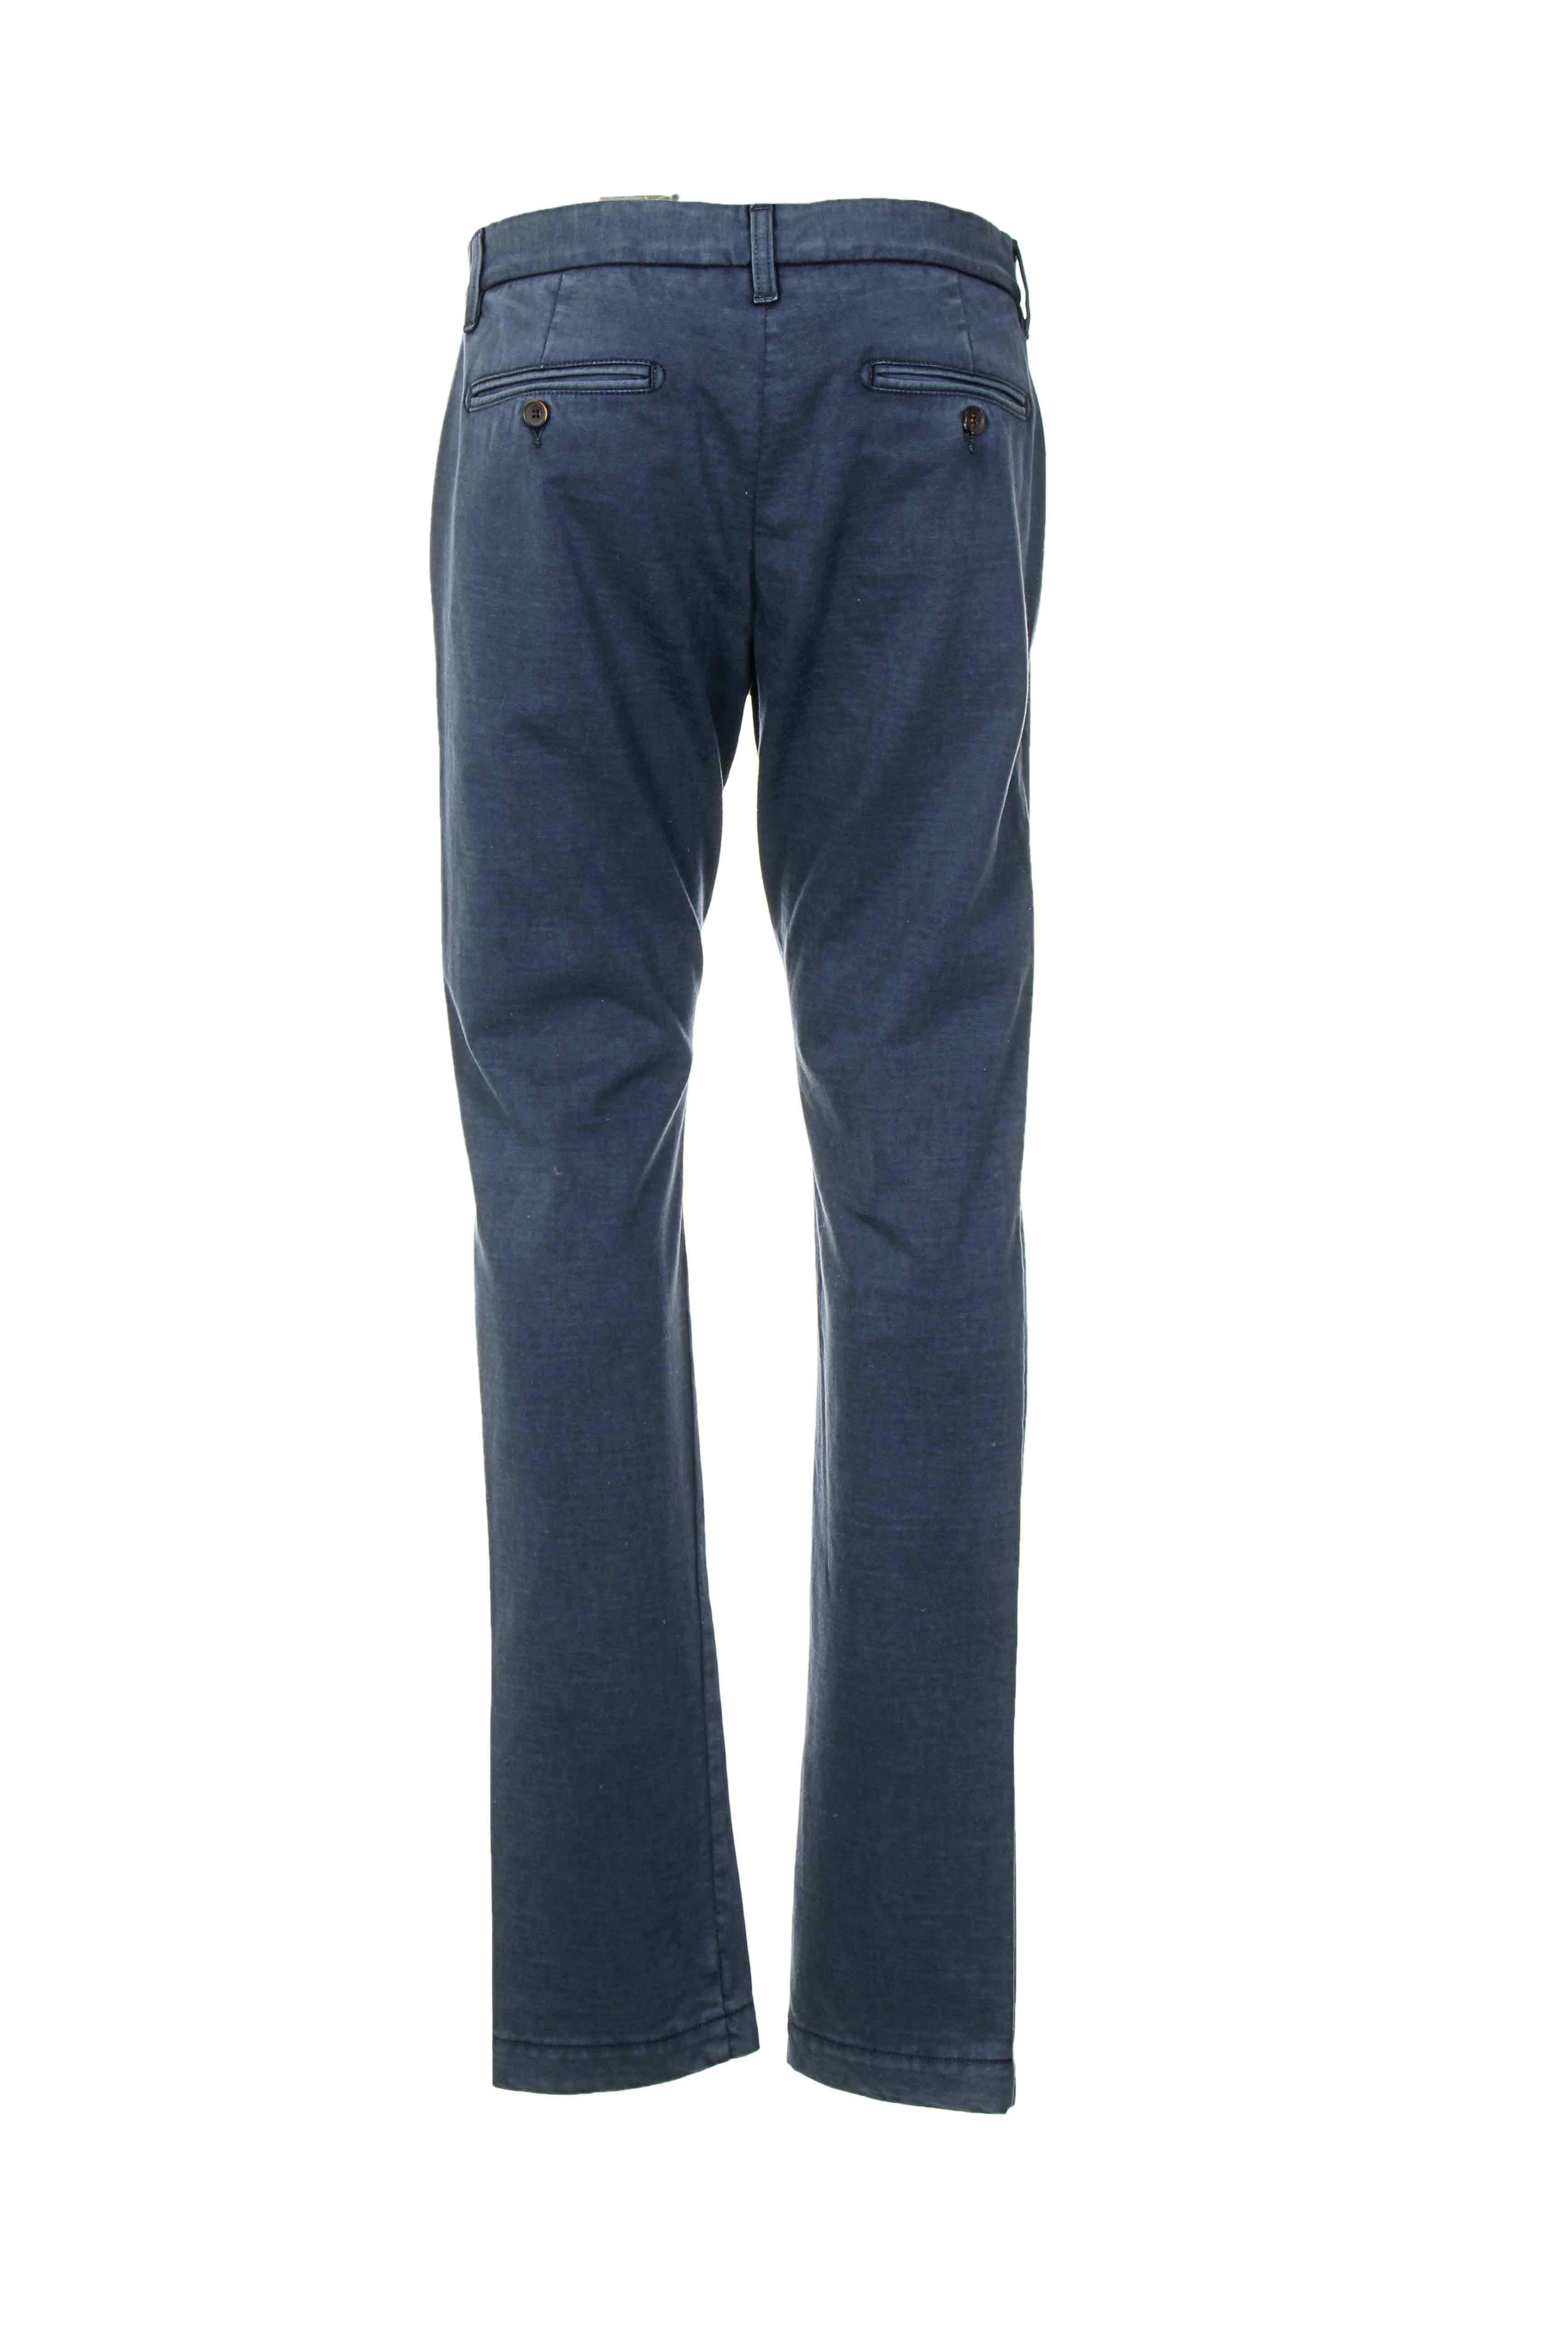 Closed Pantalons Citadins Homme De Couleur Bleu En Soldes Pas Cher 913751-bleu00